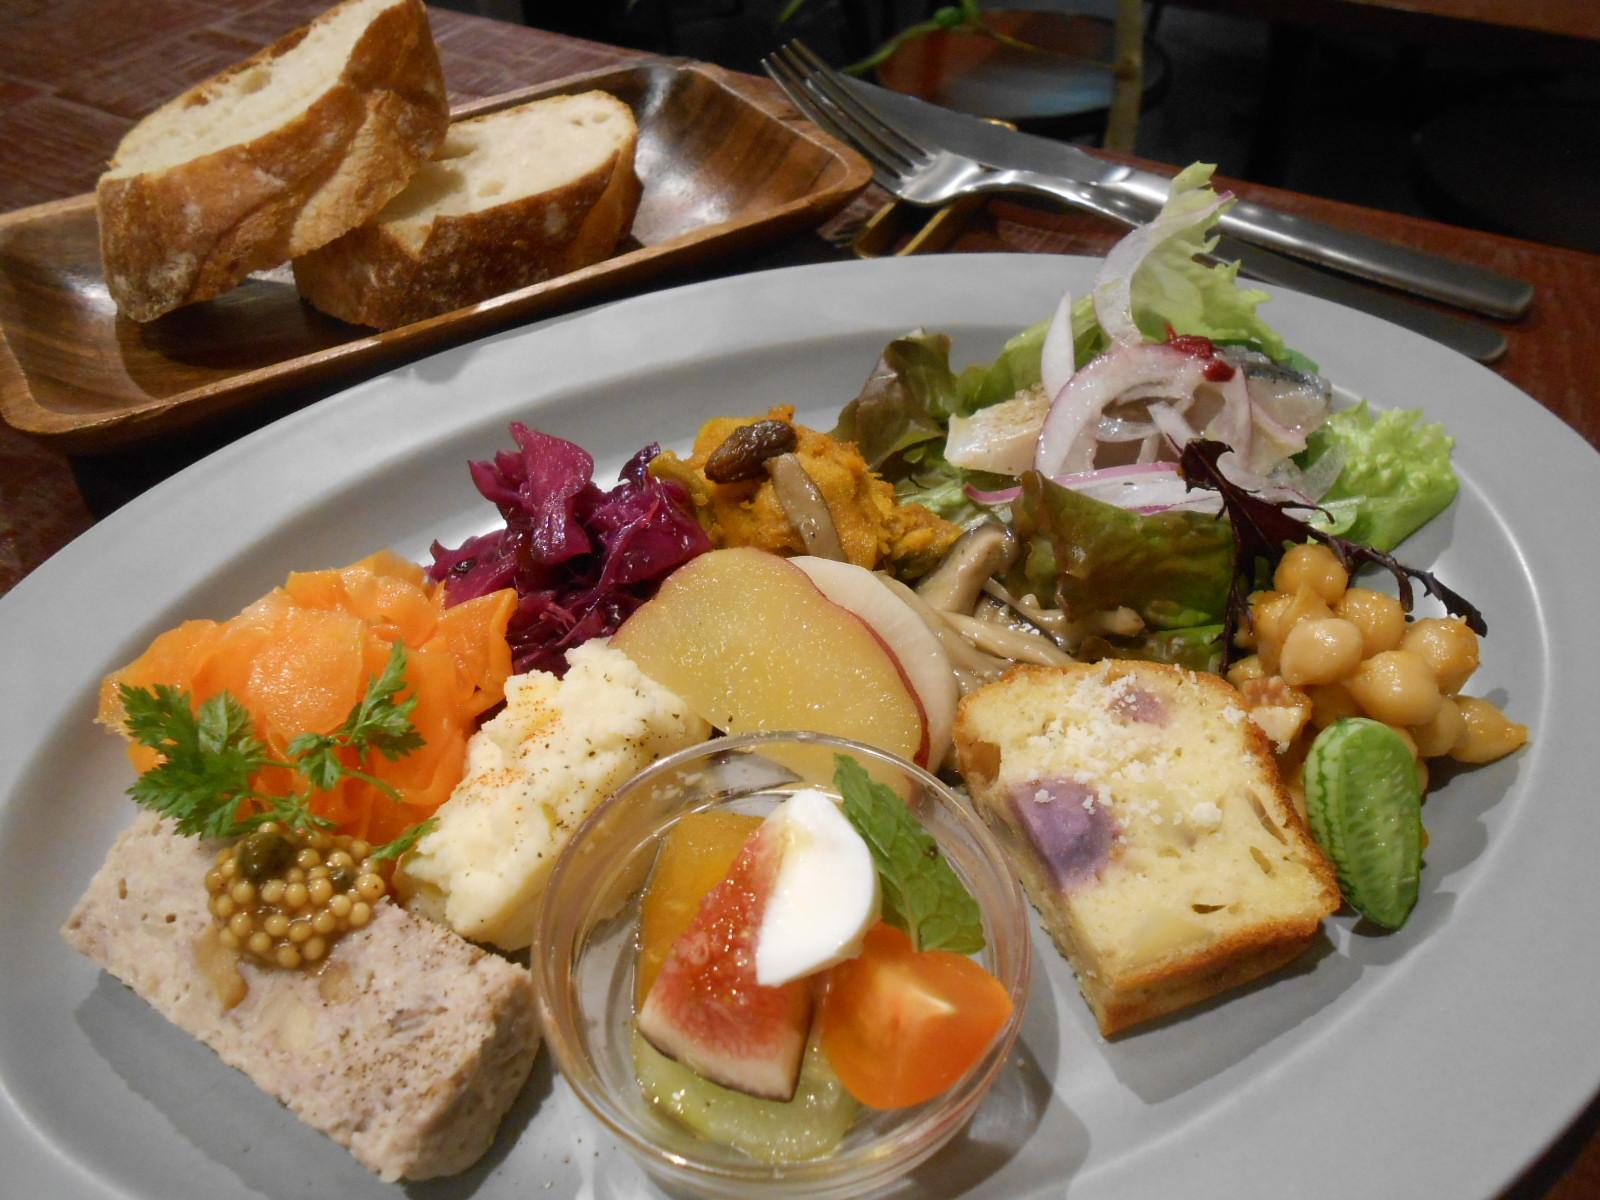 歓声が上がる!10種類の華やか前菜が人気のランチ♪神戸元町「イーペル」